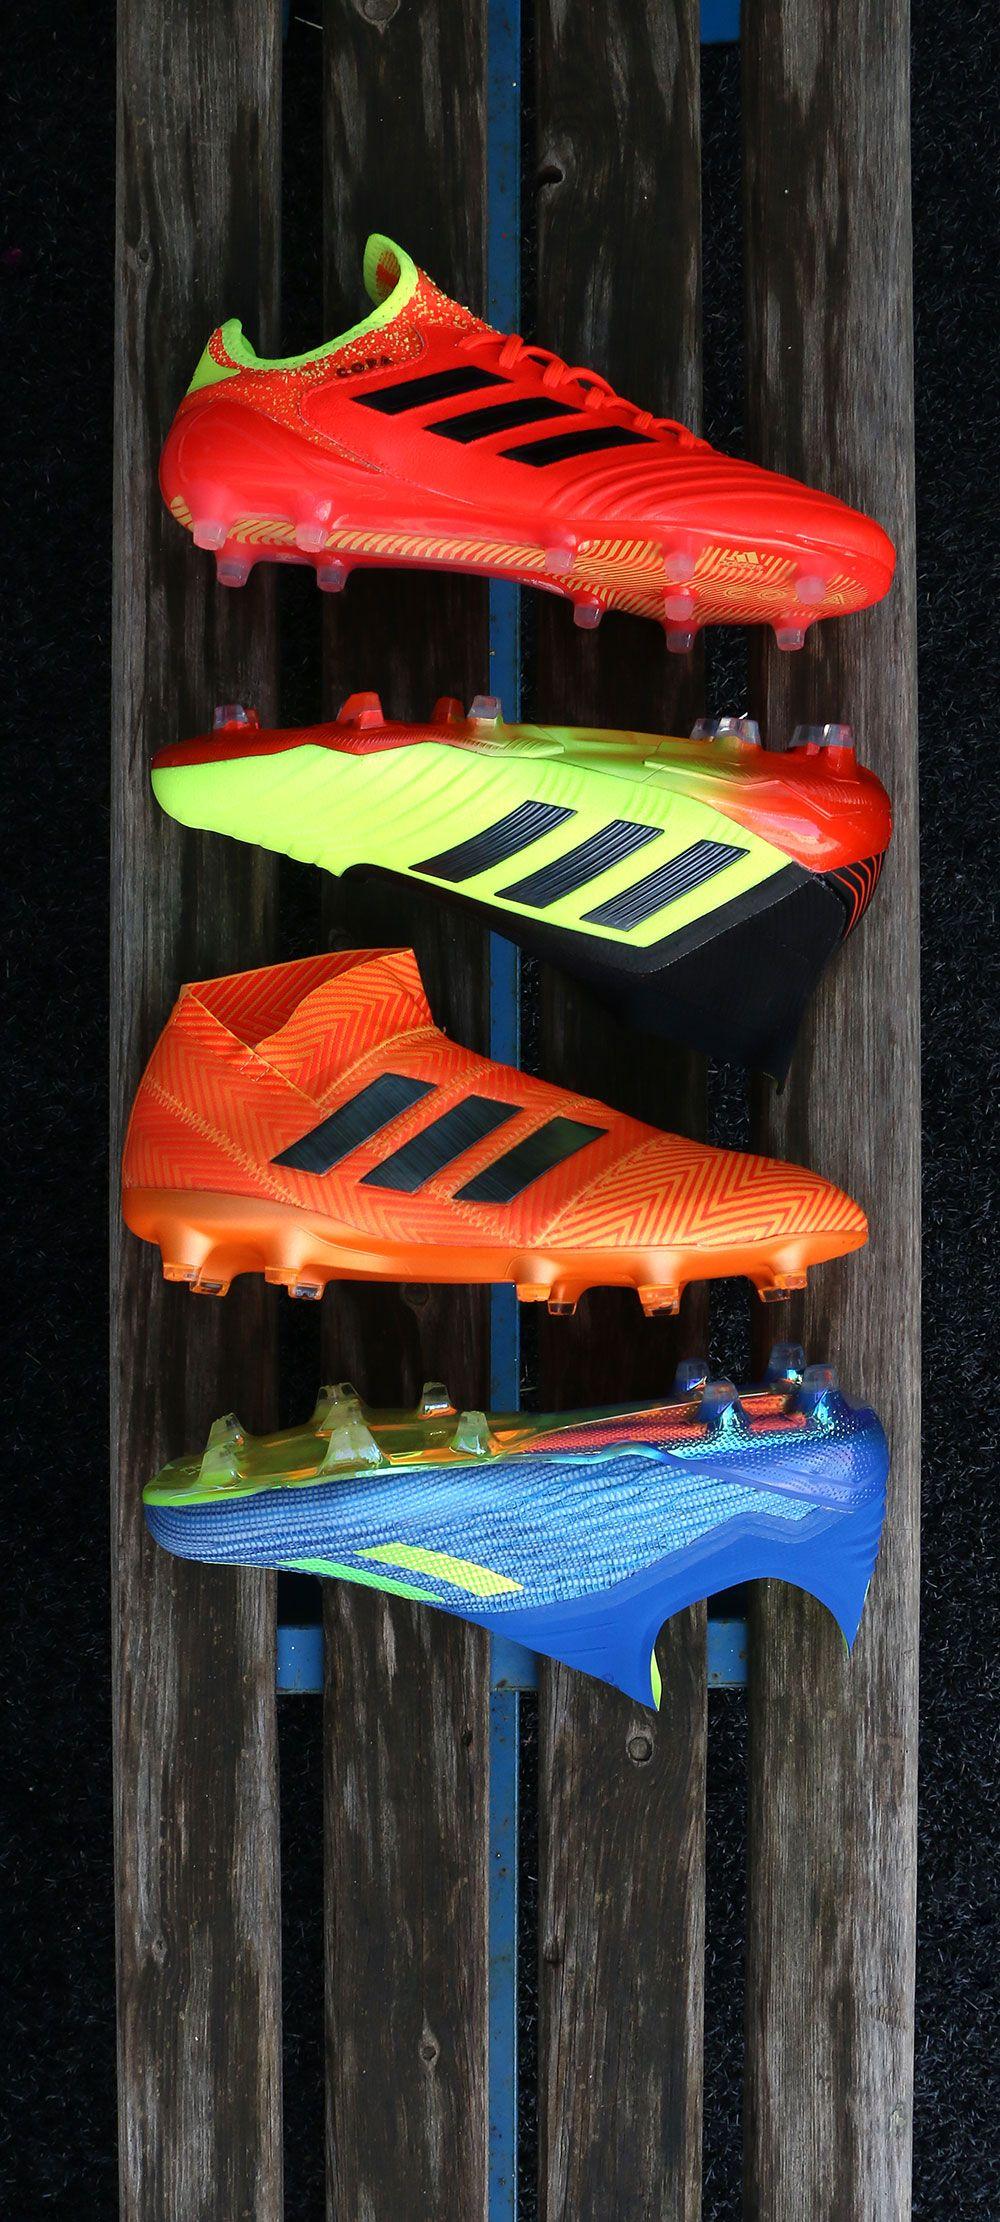 7289abea248 Puedes comprar las botas de fútbol adidas que mejor encajen con tu estilo  en futbolmania,